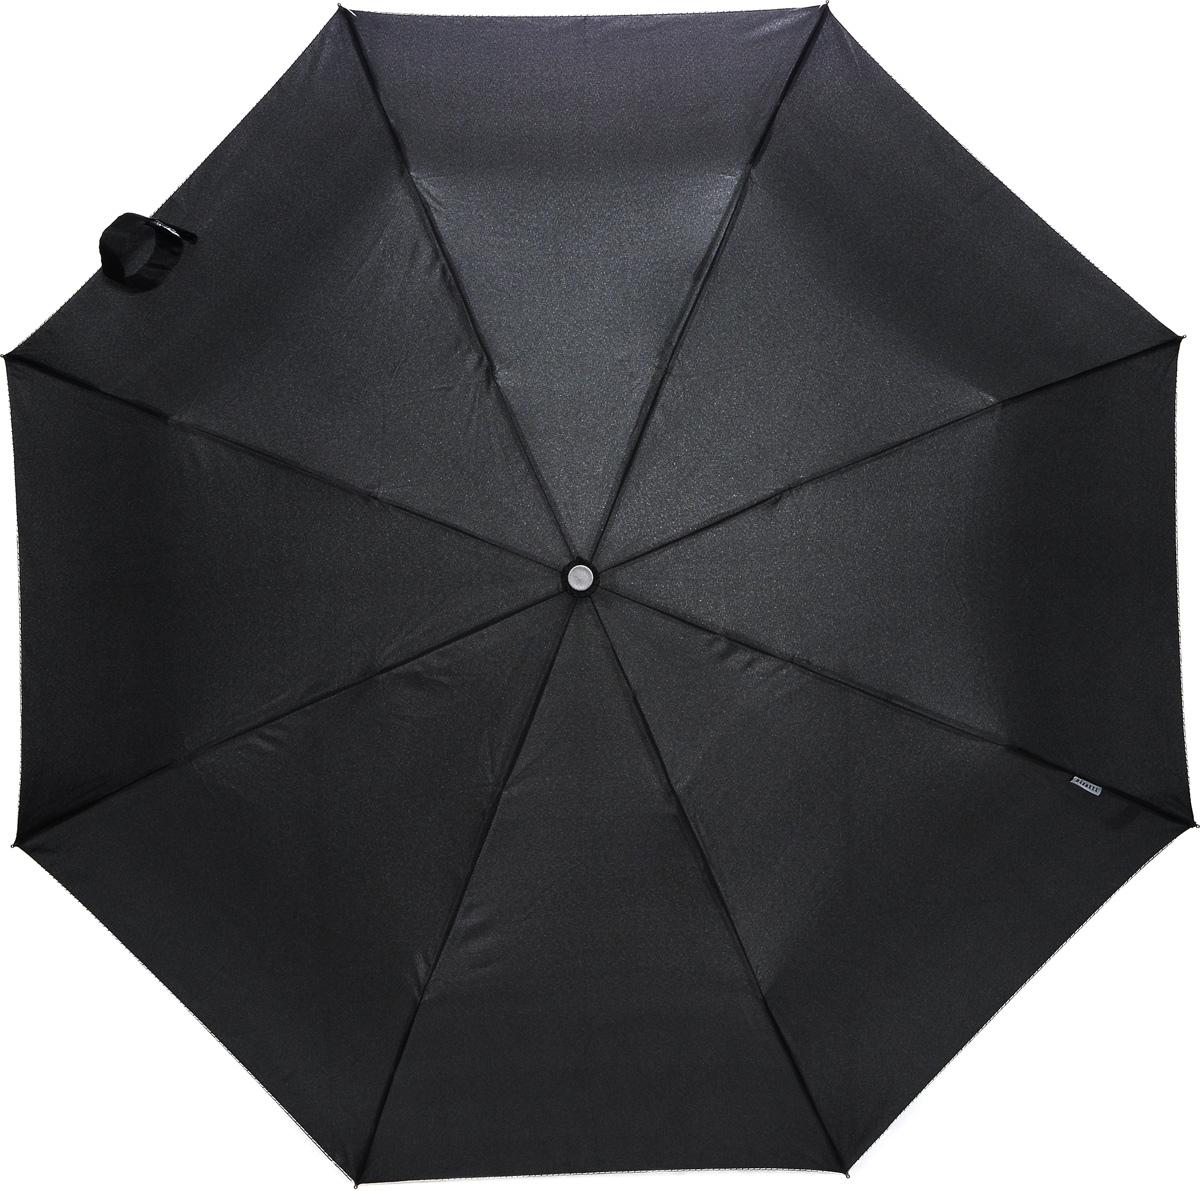 Bisetti 3212-3 Зонт полный автом. 3 сл. муж.REM12-CAM-GREENBLACKЗонт испанского производителя Clima. В производстве зонтов используются современные материалы, что делает зонты легкими, но в то же время крепкими.Полный автомат, 3 сложения, 8 спиц по 55см, полиэстер.